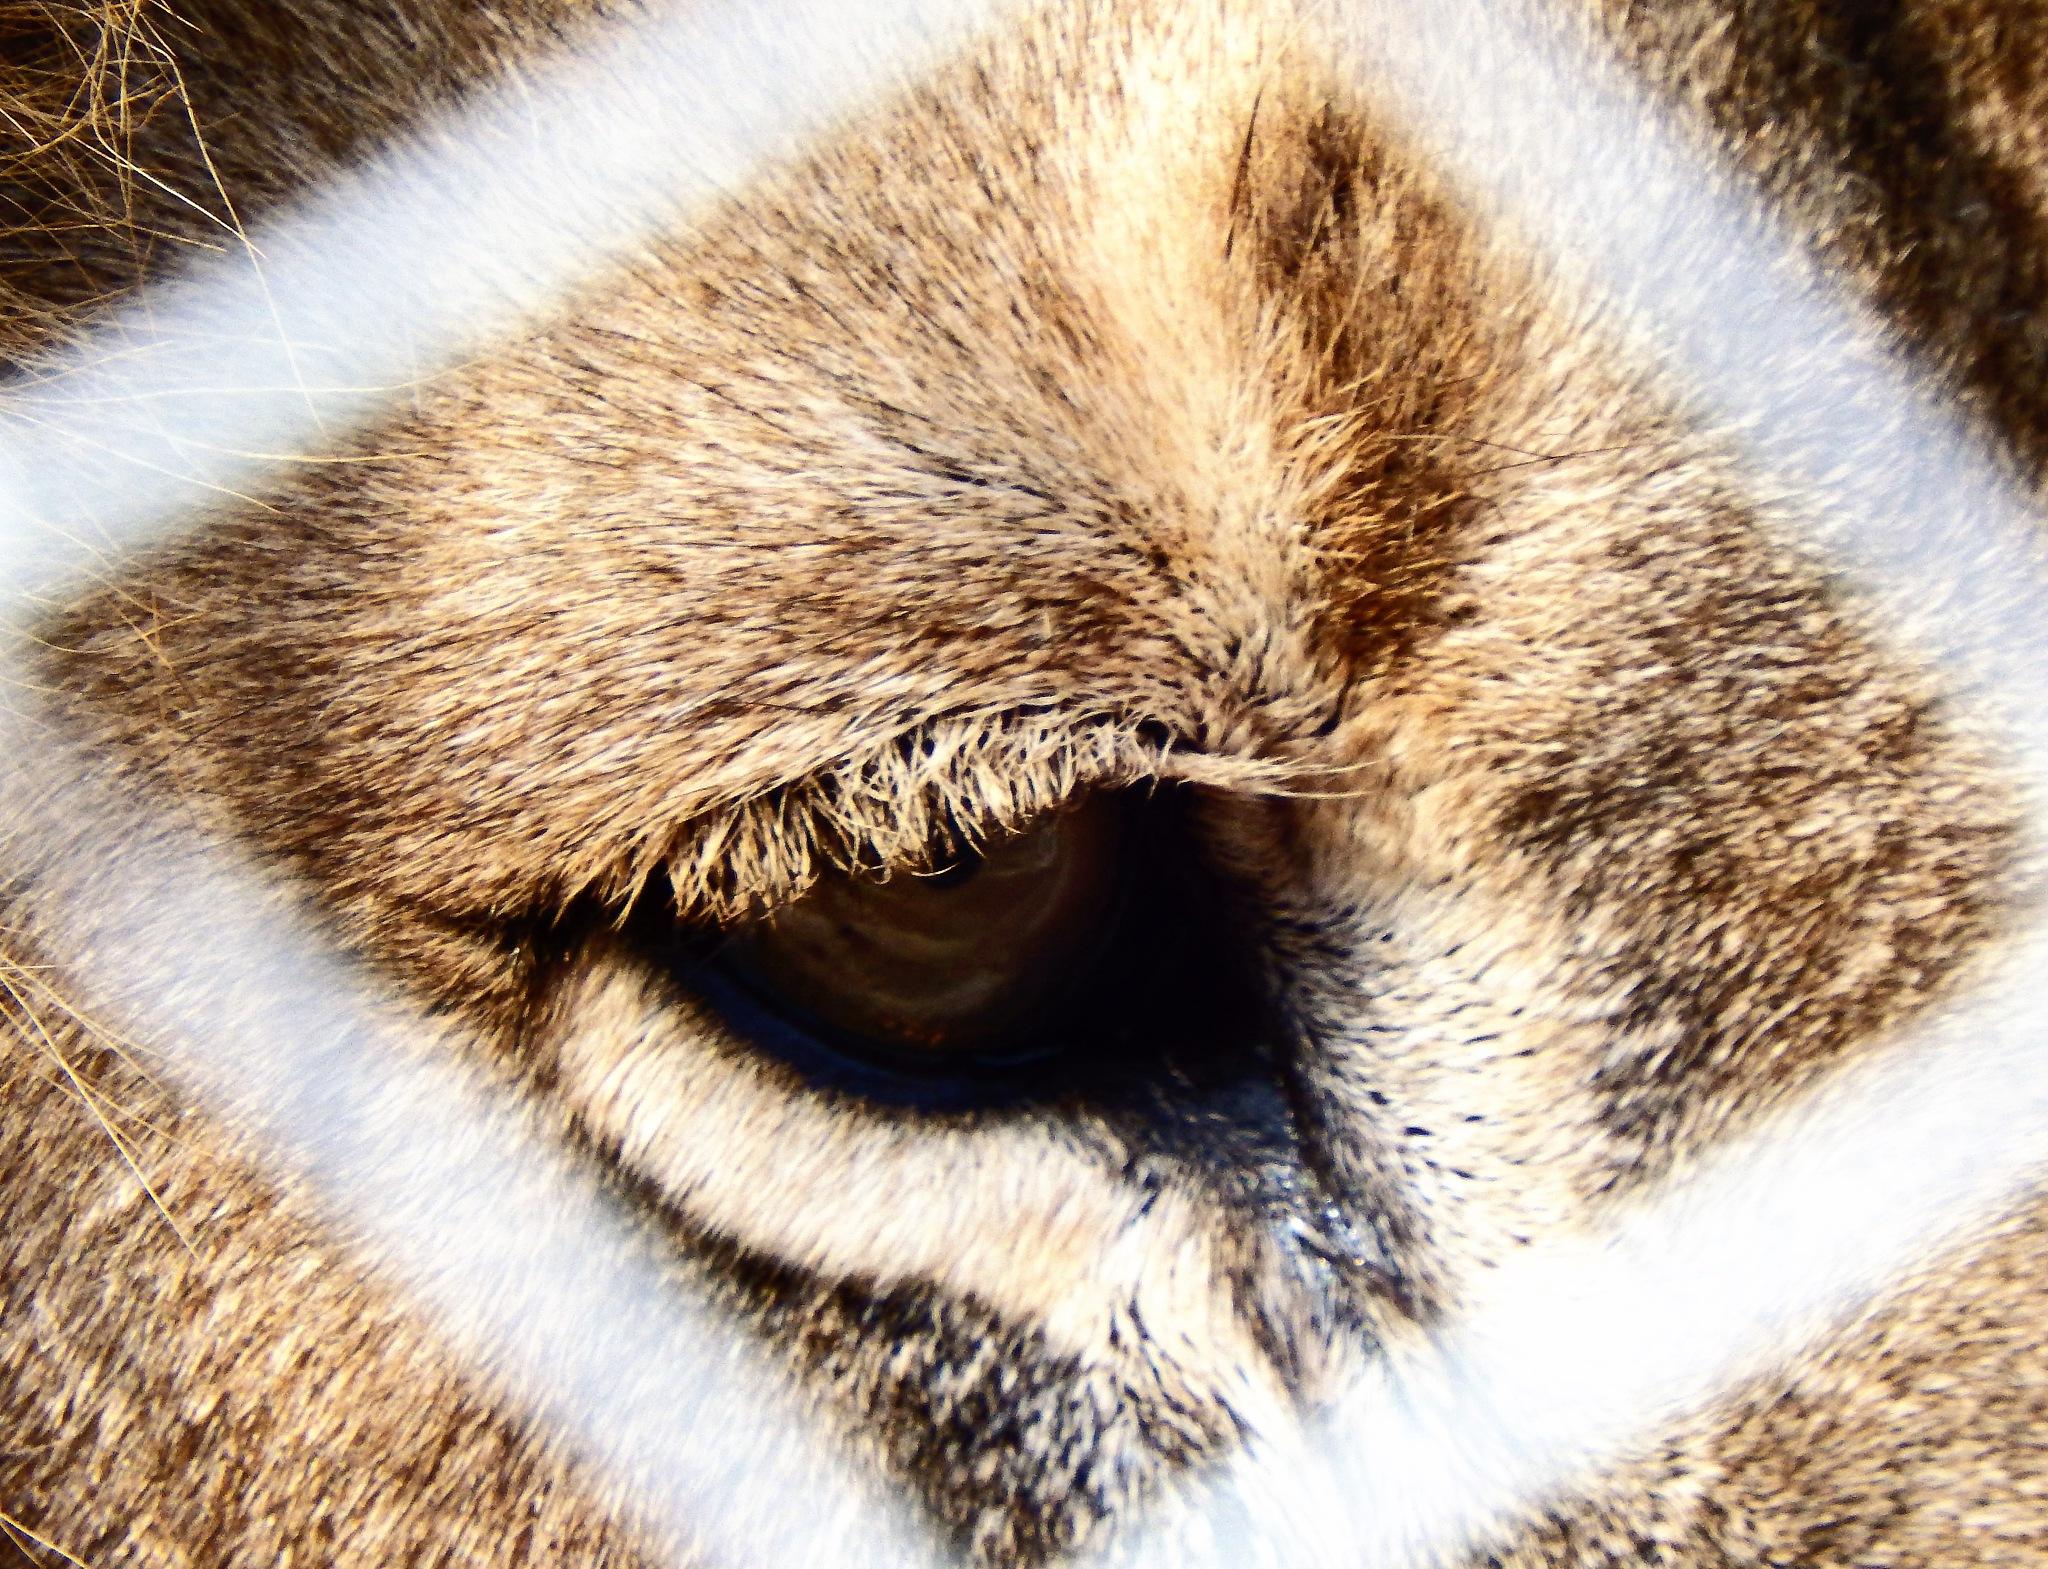 Lion's eye close up (2). by Japie van der Berg